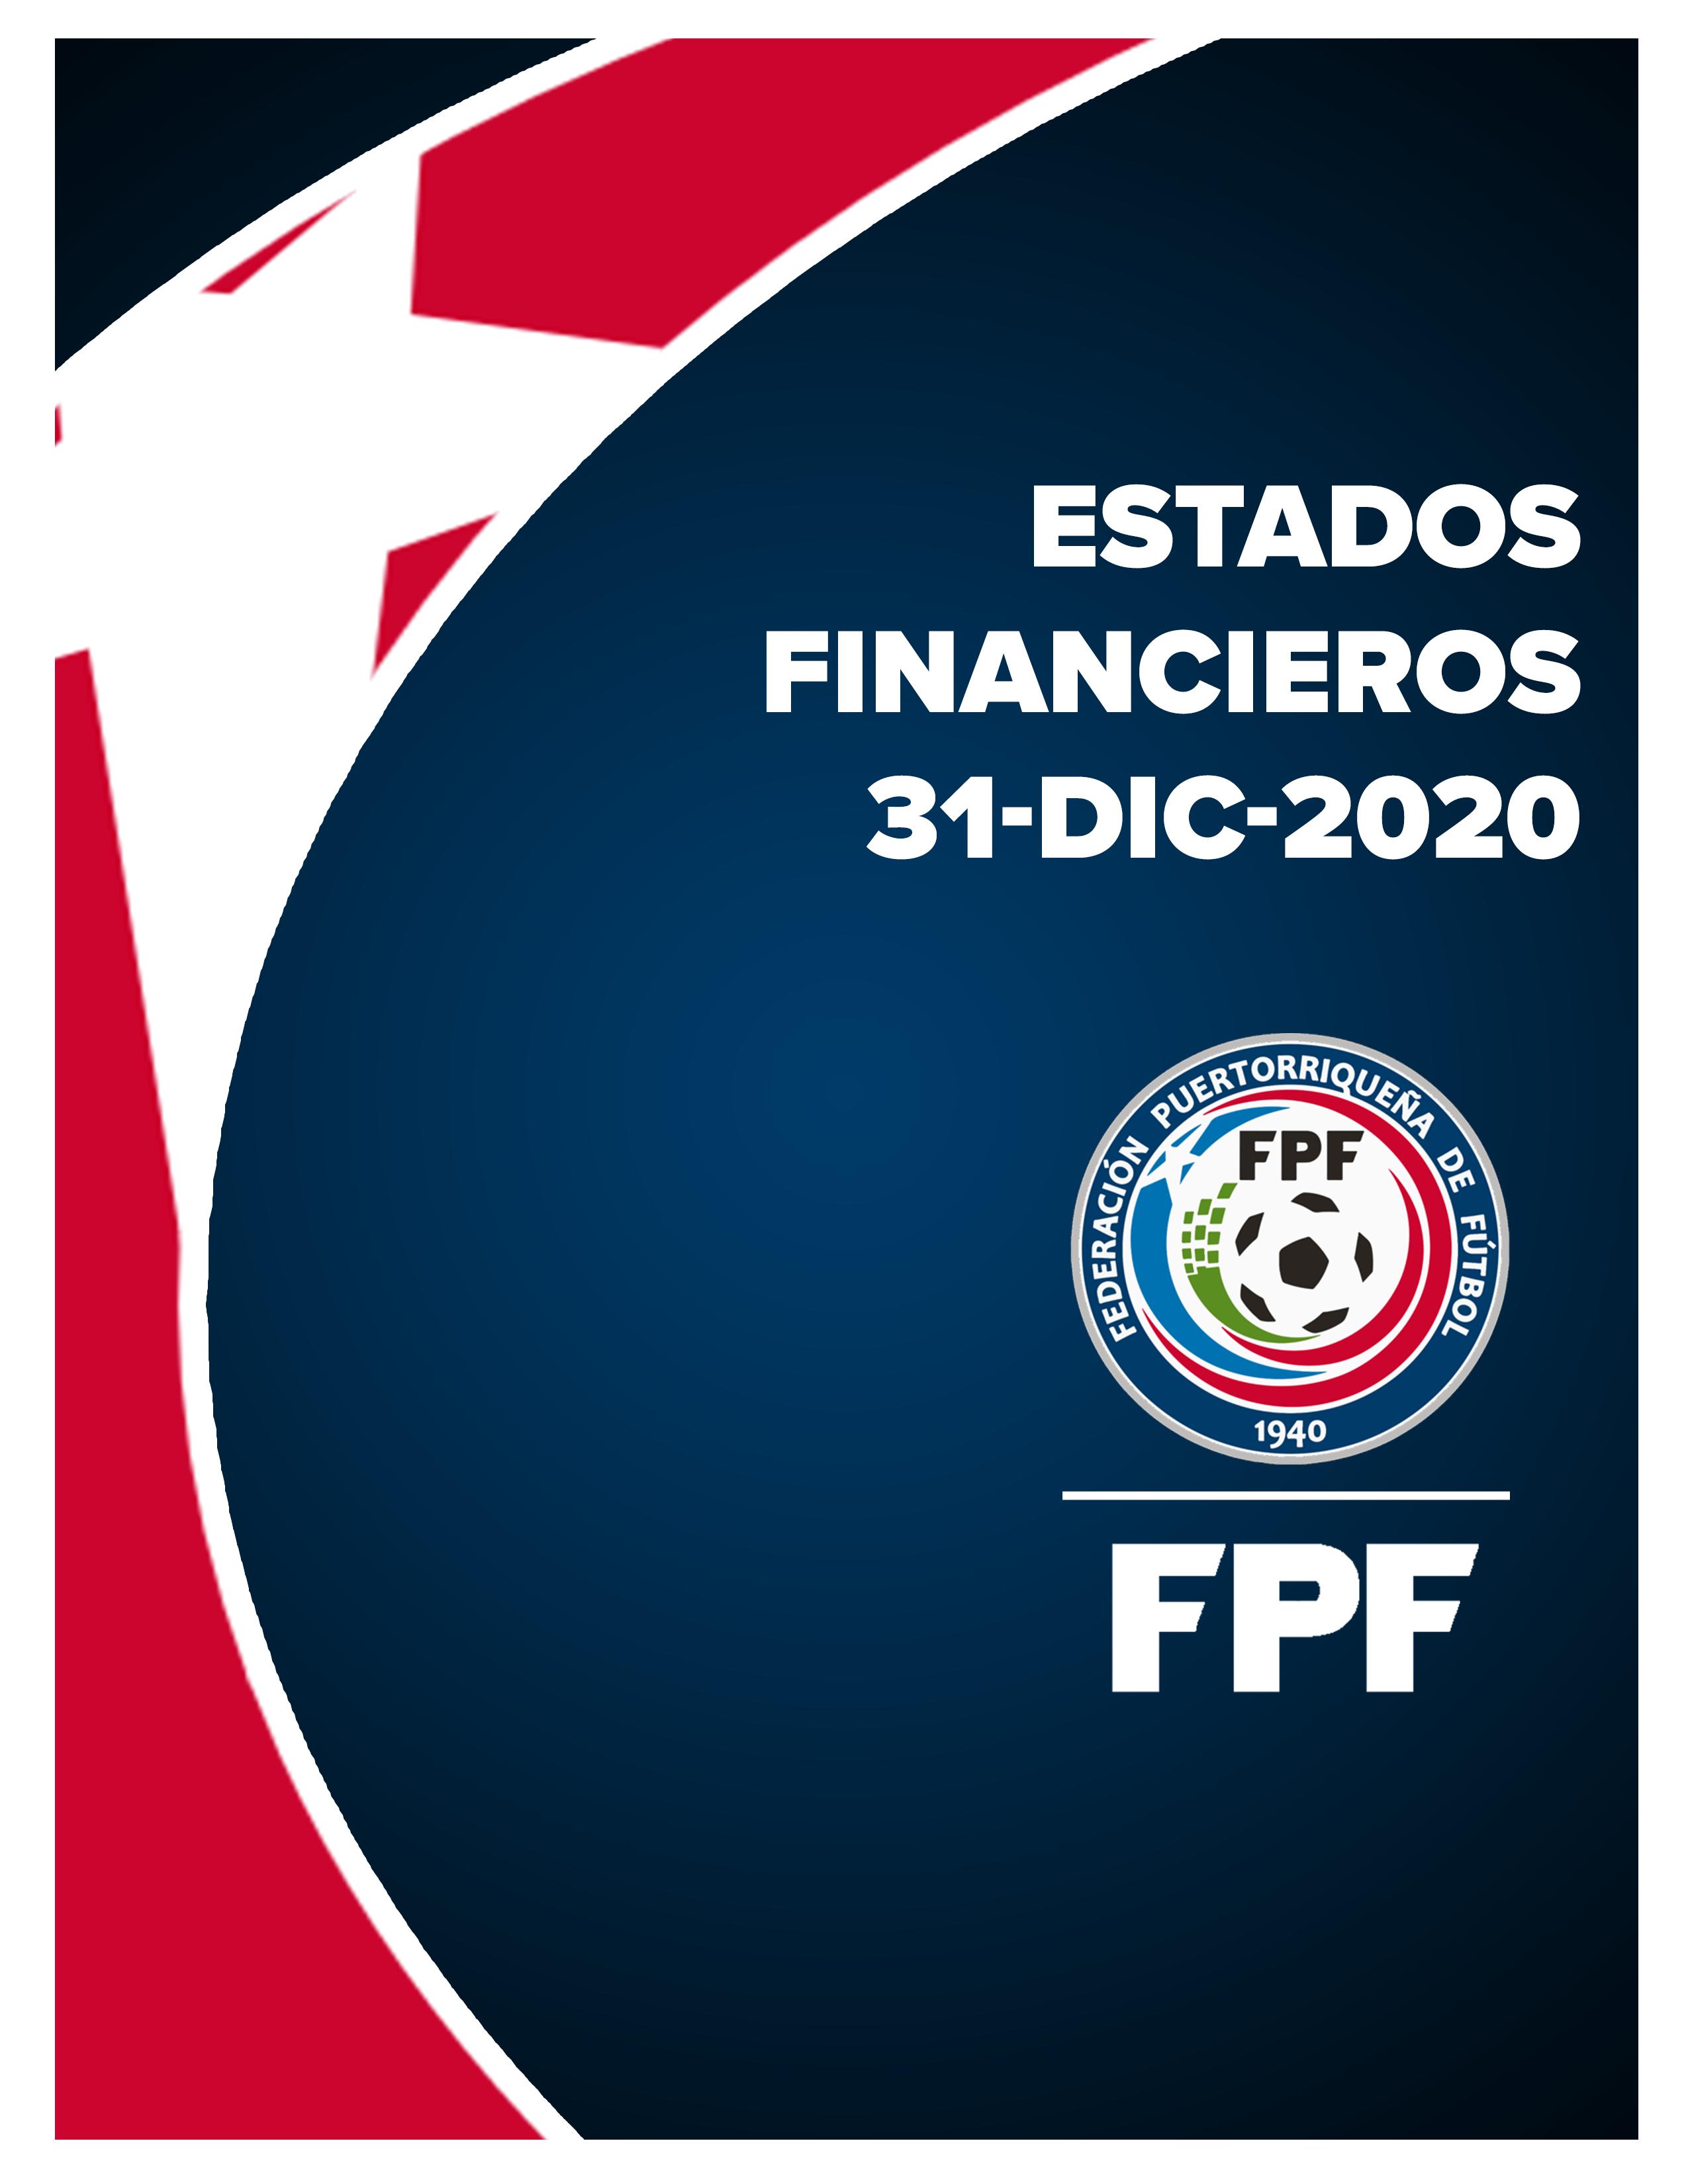 Estados Financieros 31-Dic-2020